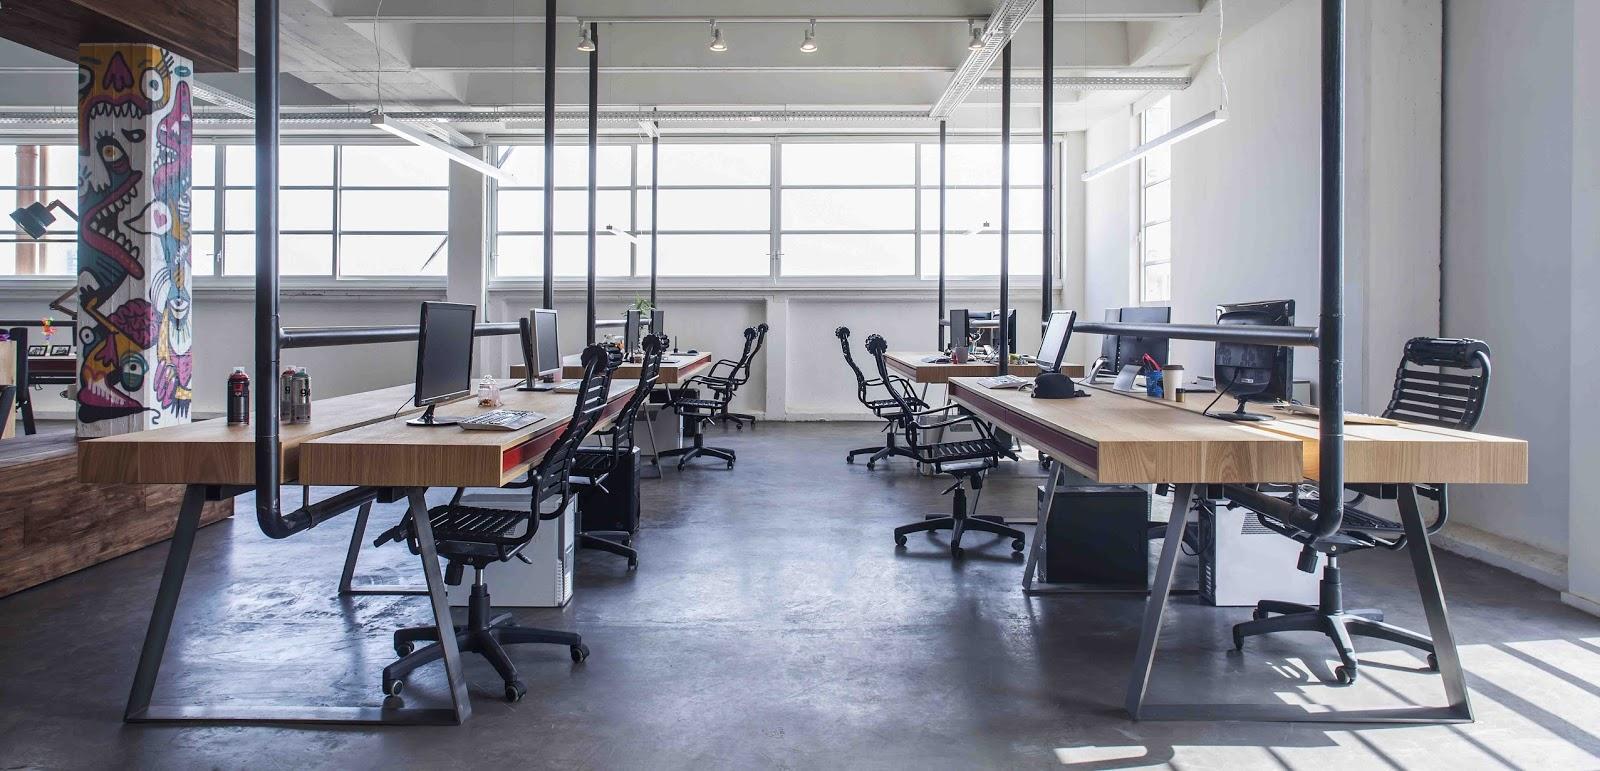 I trucchi degli esperti per ottenere un ufficio moderno novit e curiosit sulle sedie da - Come arredare un ufficio moderno ...